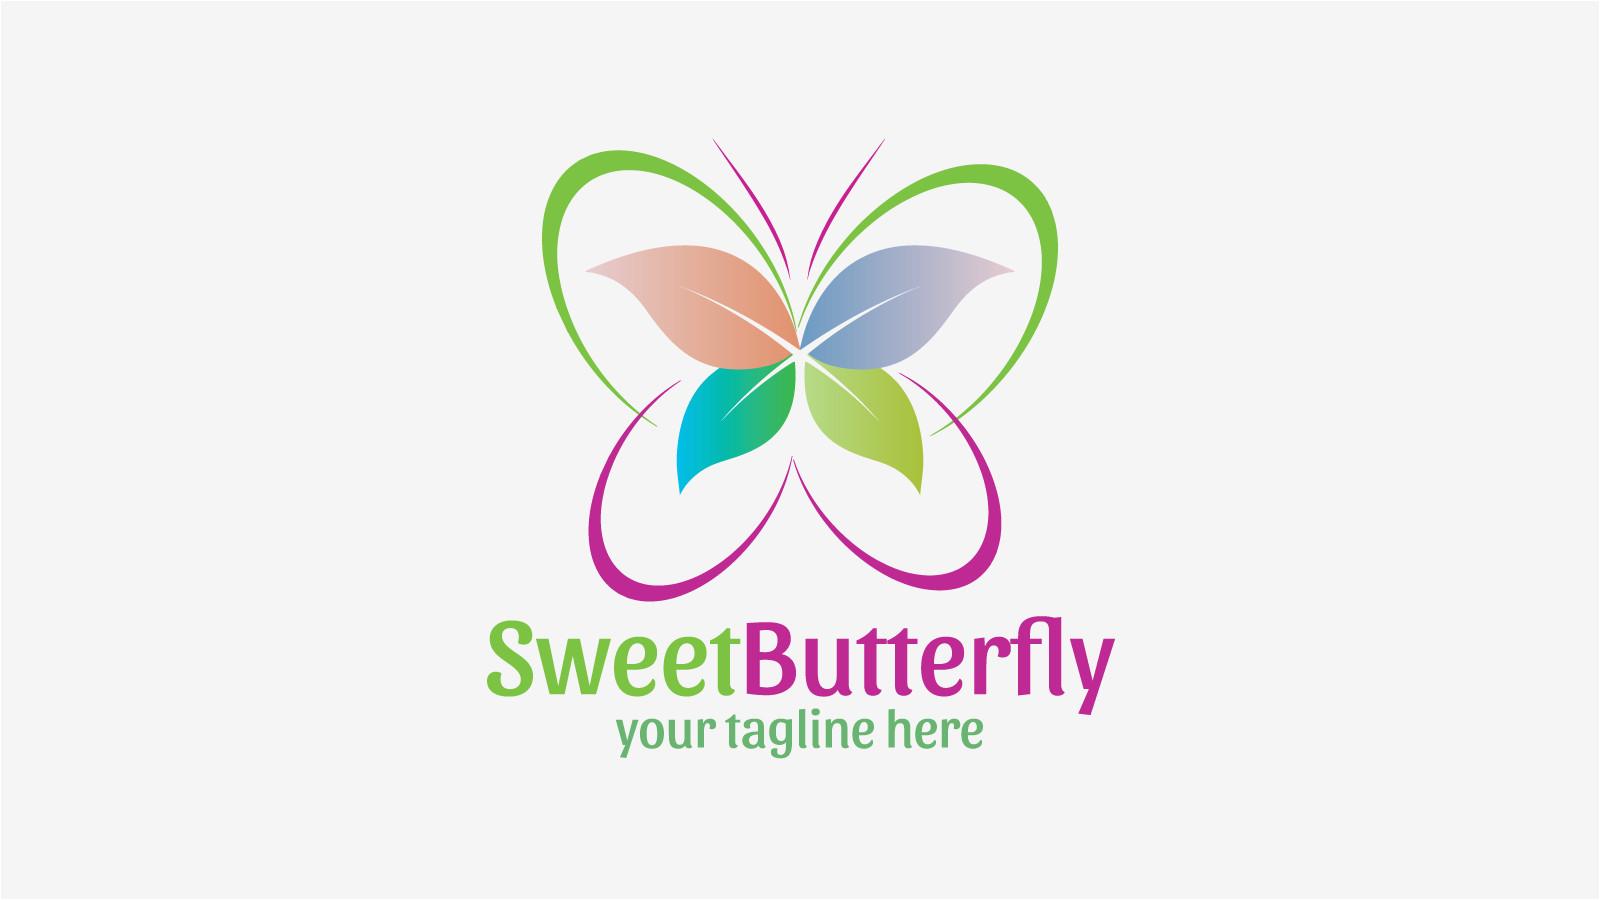 sweetbutterfly free logo design